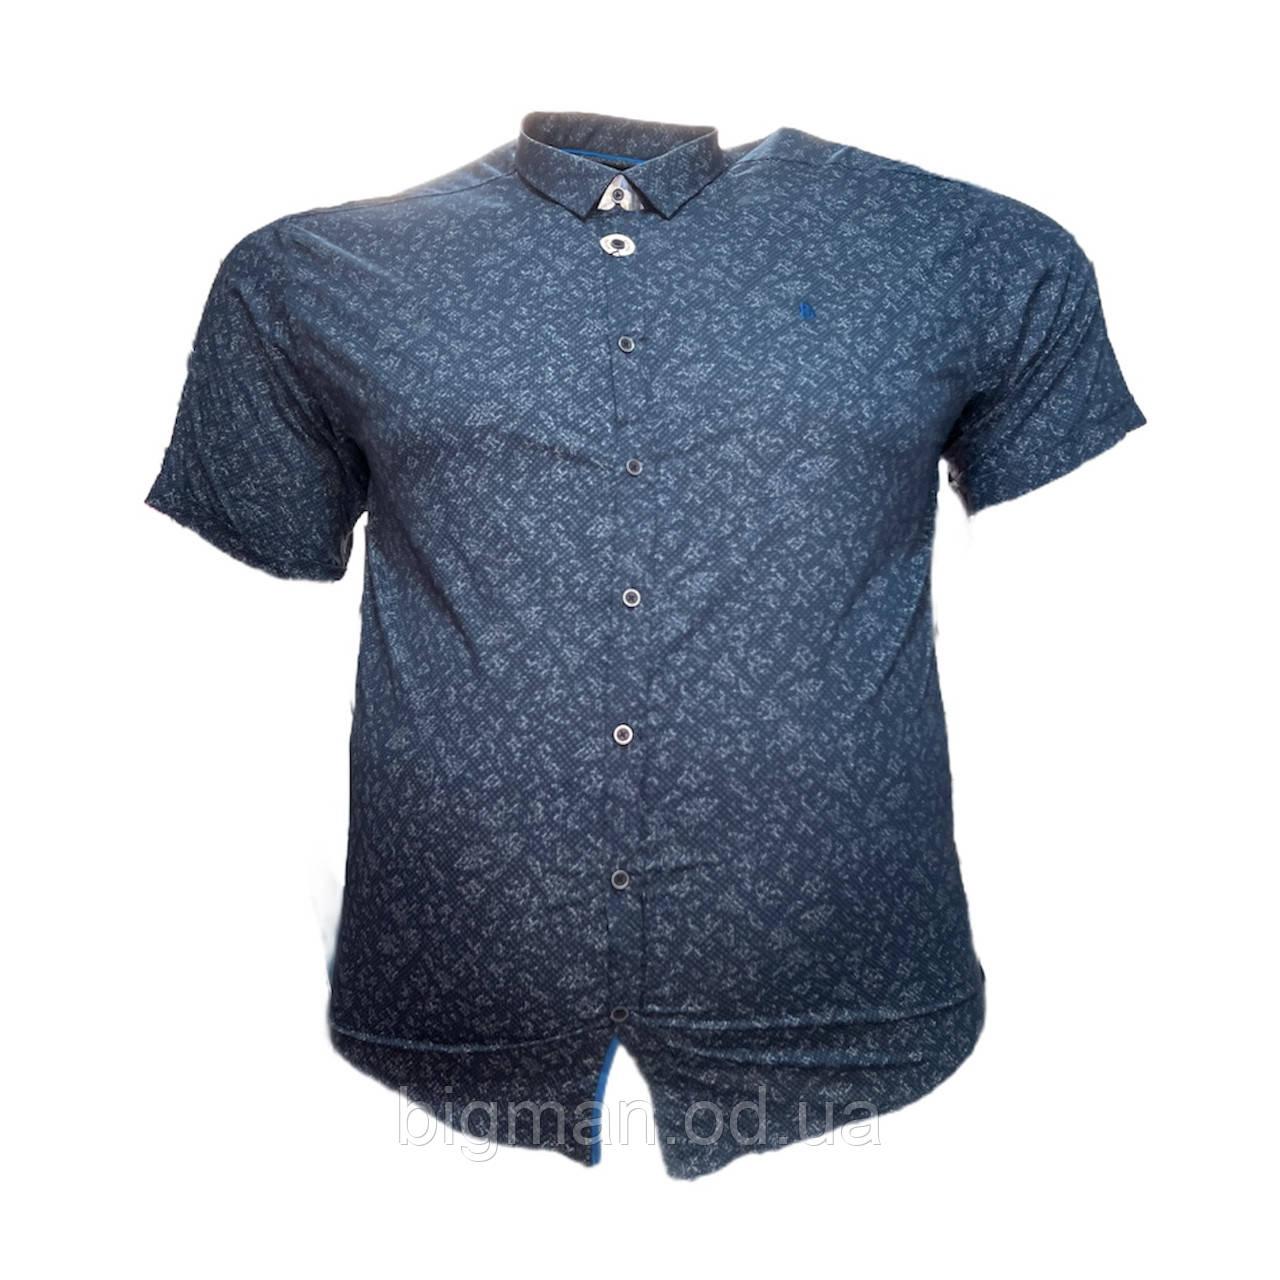 Чоловіча сорочка з коротким рукавом Barcotti 16085 2XL 3XL 4XL 5XL 6XL синя великі розміри батал Туреччина